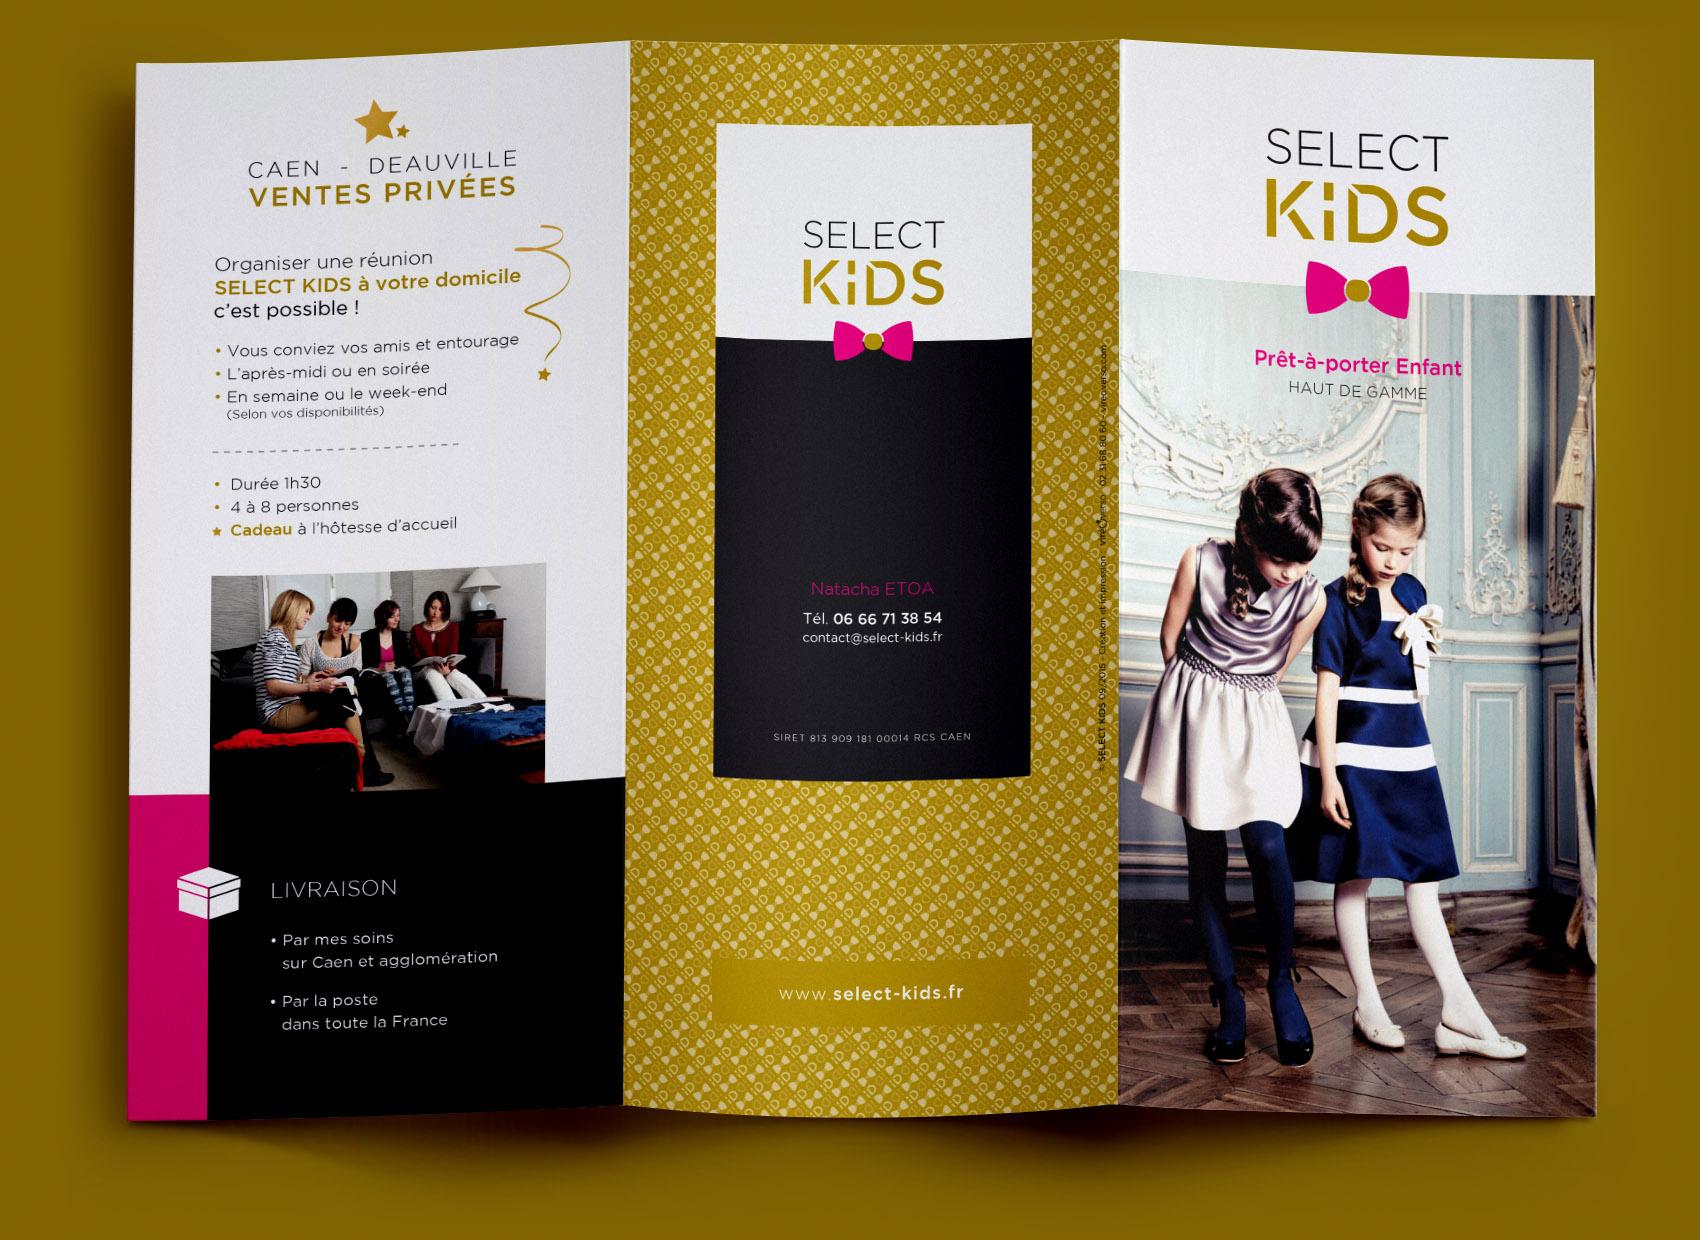 depliant-3volets-select-kids-exterieur